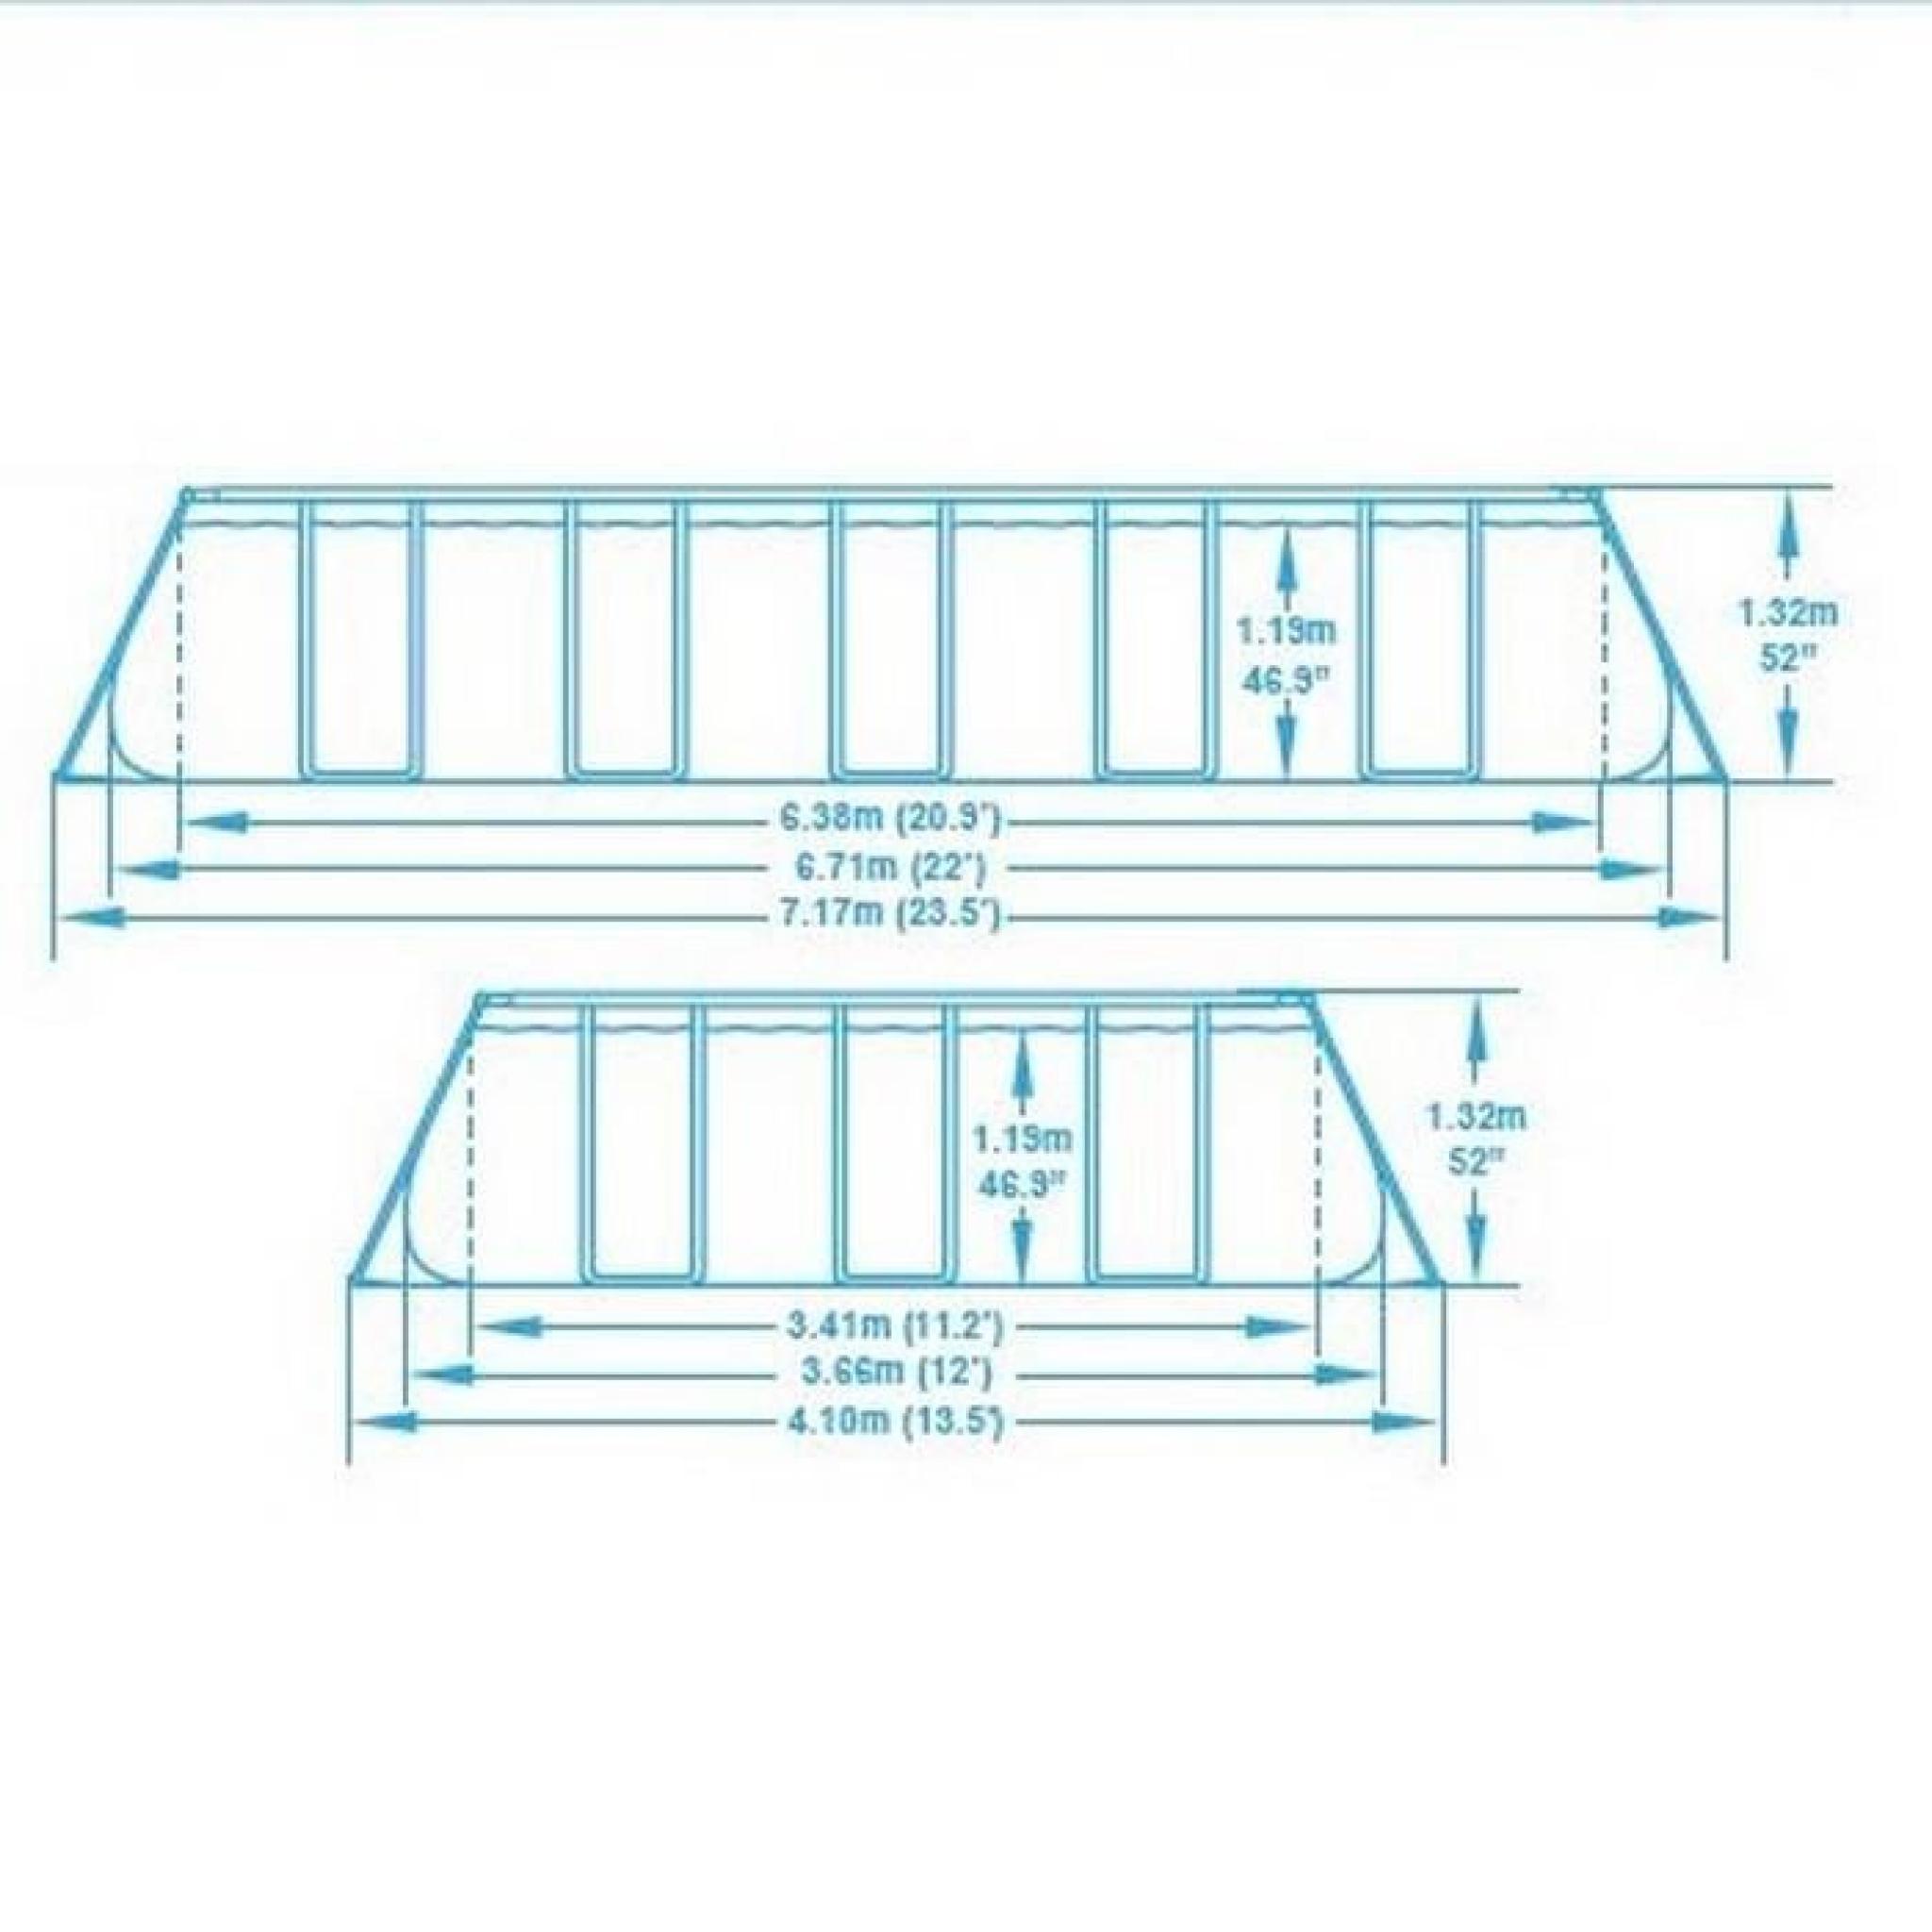 BESTWAY Piscine Tubulaire Rectangulaire 6.71x3.66x1.32 M Filtre à Sable Pas  Cher